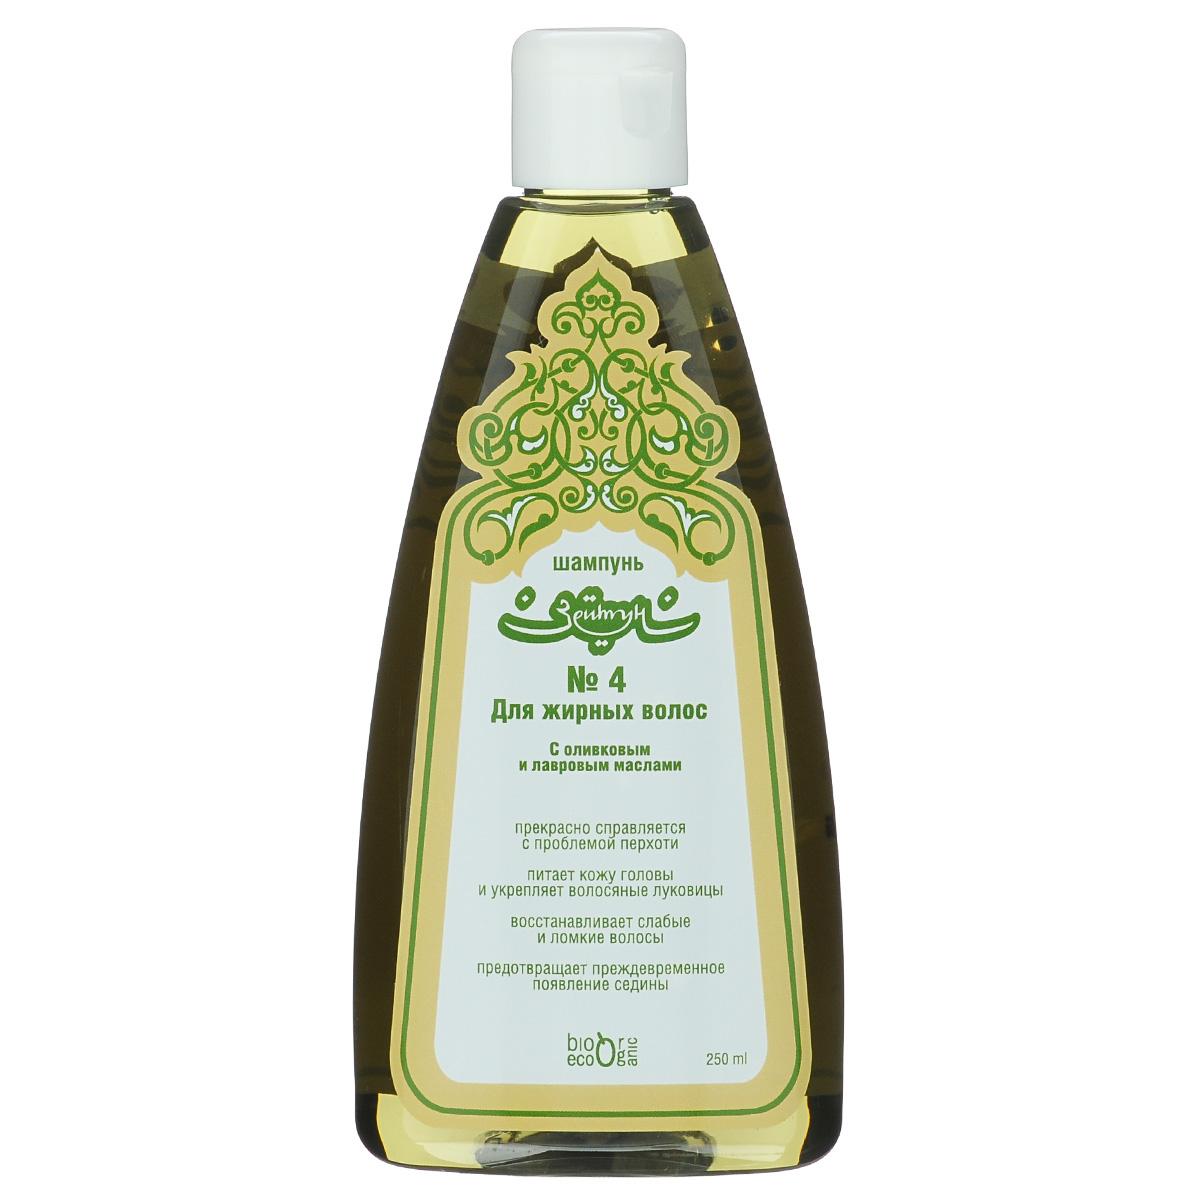 Зейтун Шампунь №4 для жирных волос, 250 млZ0404Этот шампунь создан специально для первоклассной очистки жирных волос. Он нормализует обменные процессы. Обеспечивает мягкое очищение от грязи и пыли. Лавровое масло в его составе эффективно борется с перхотью и чрезмерным выпадением волос. Отлично освежает. Укрепляет волосы от корня до кончика. Оливковое масло прекрасно питает корневую луковицу, стимулируя рост новых волос. Со временем волосы становятся послушными, сильными, выглядят свежо и ухоженно, нормализуется их жирность.